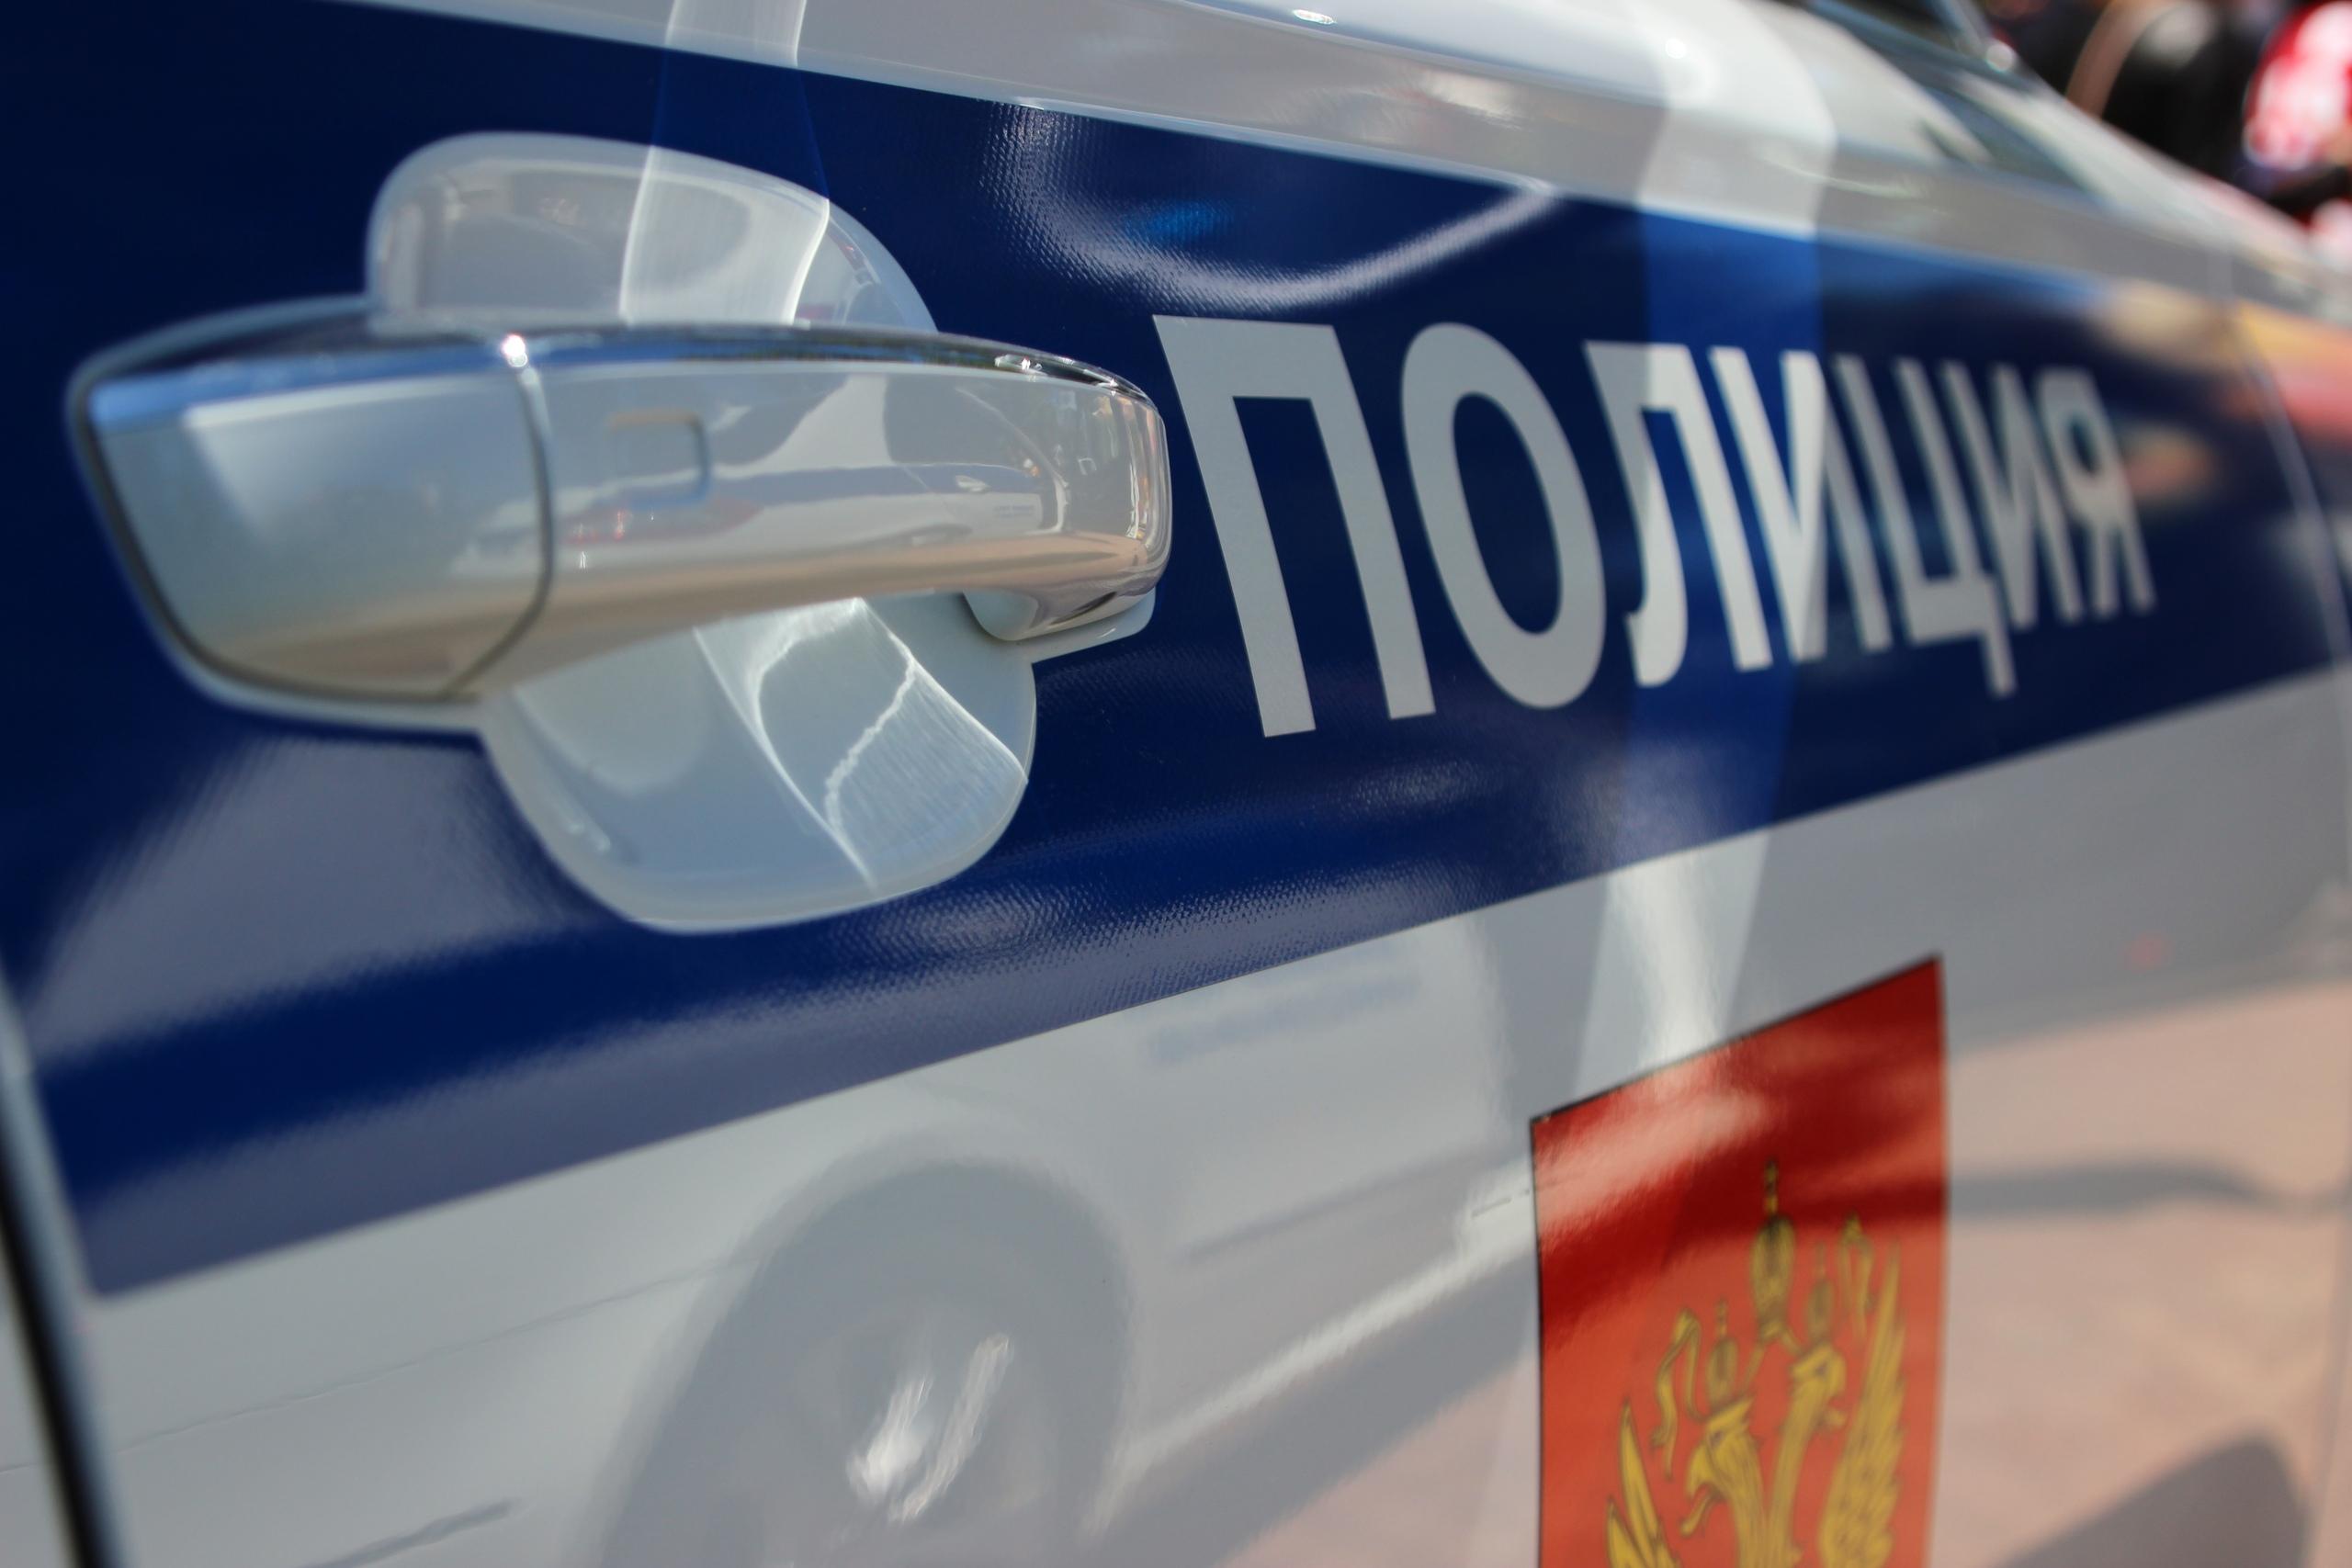 В Тверской области подростки похищали из гаражей мопеды - новости Афанасий